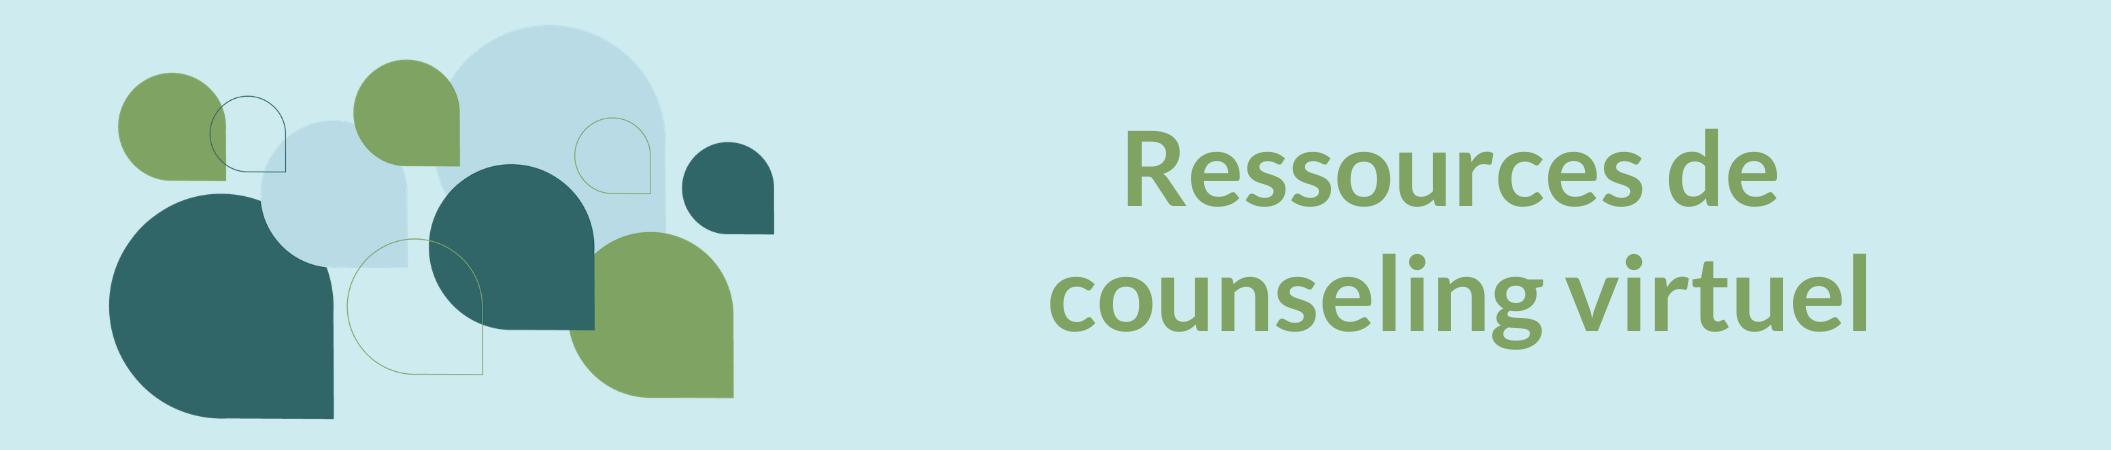 Ressources de counseling virtuel